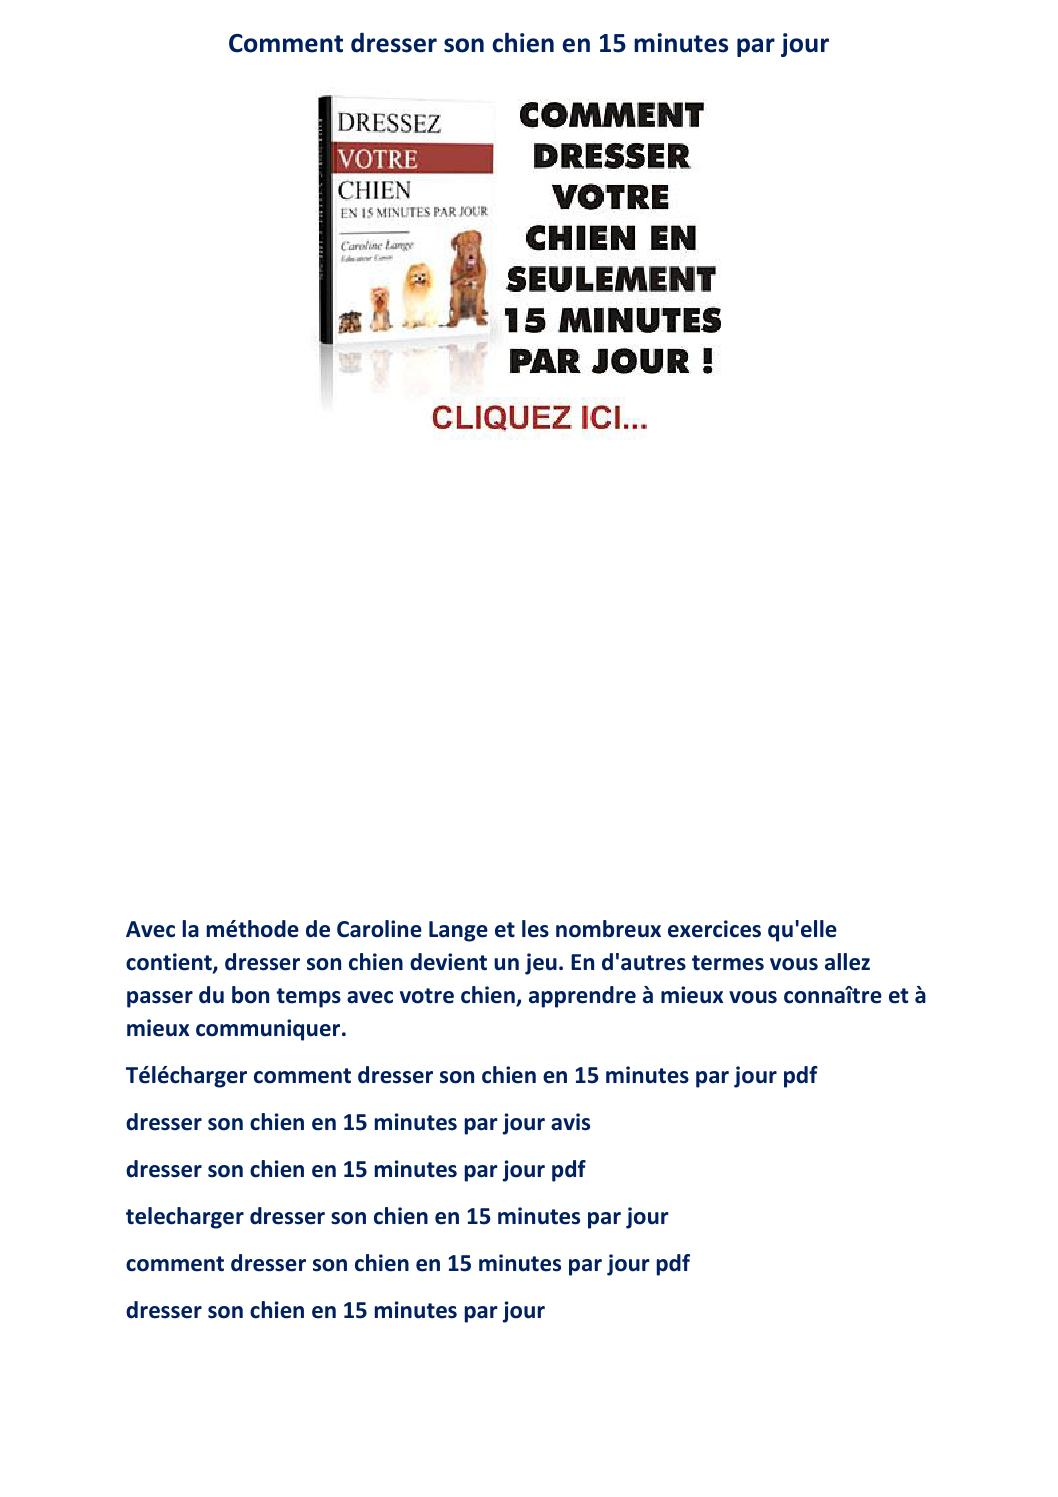 t u00e9l u00e9charger comment dresser son chien en 15 minutes par jour pdf livre avis gratuit ebook by